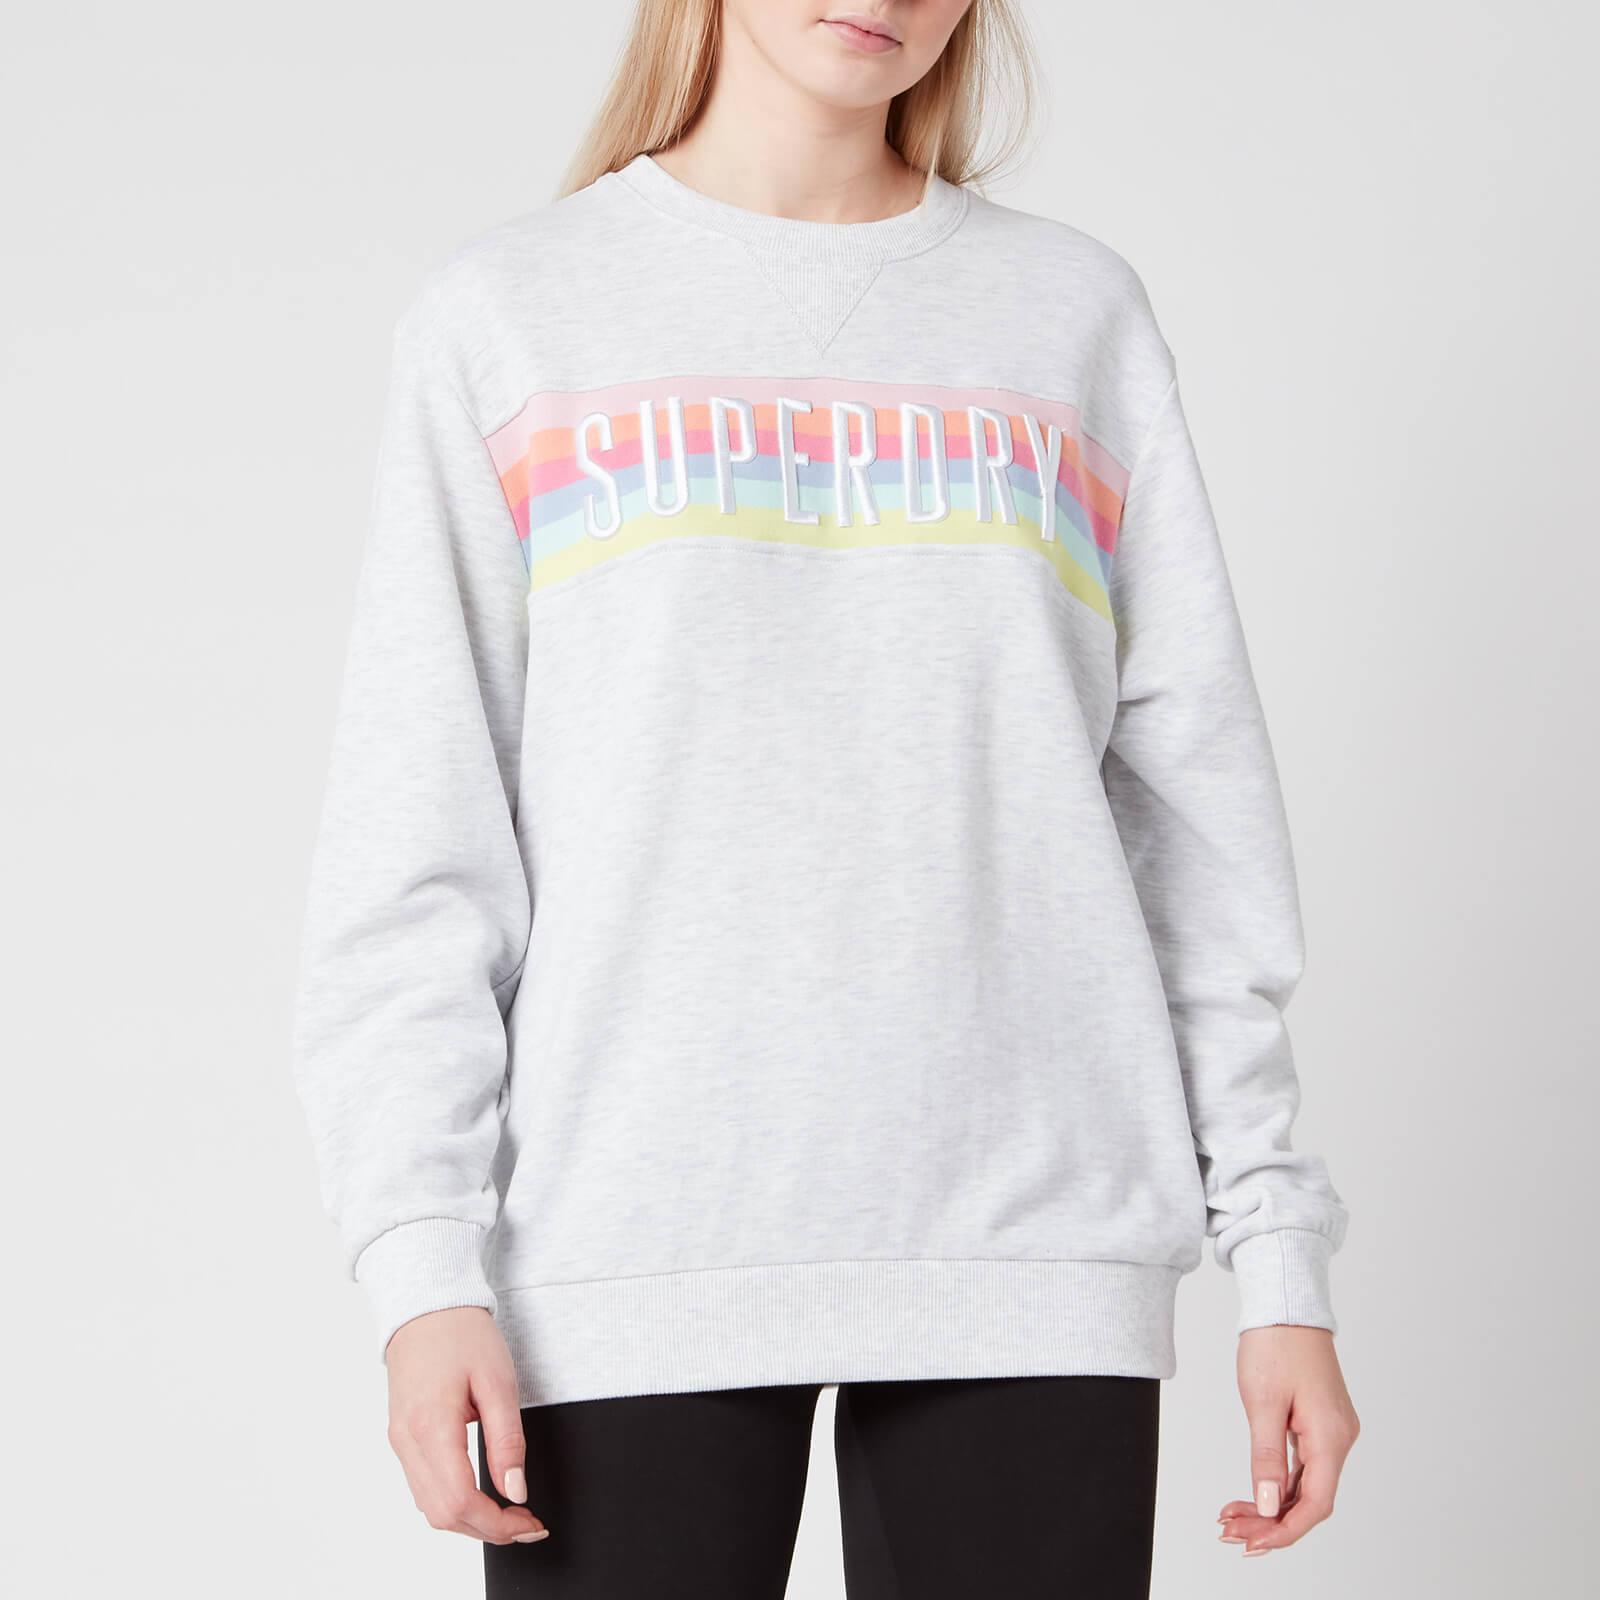 網購Superdry衛衣長褲低至HK$165+免費直運香港/澳門